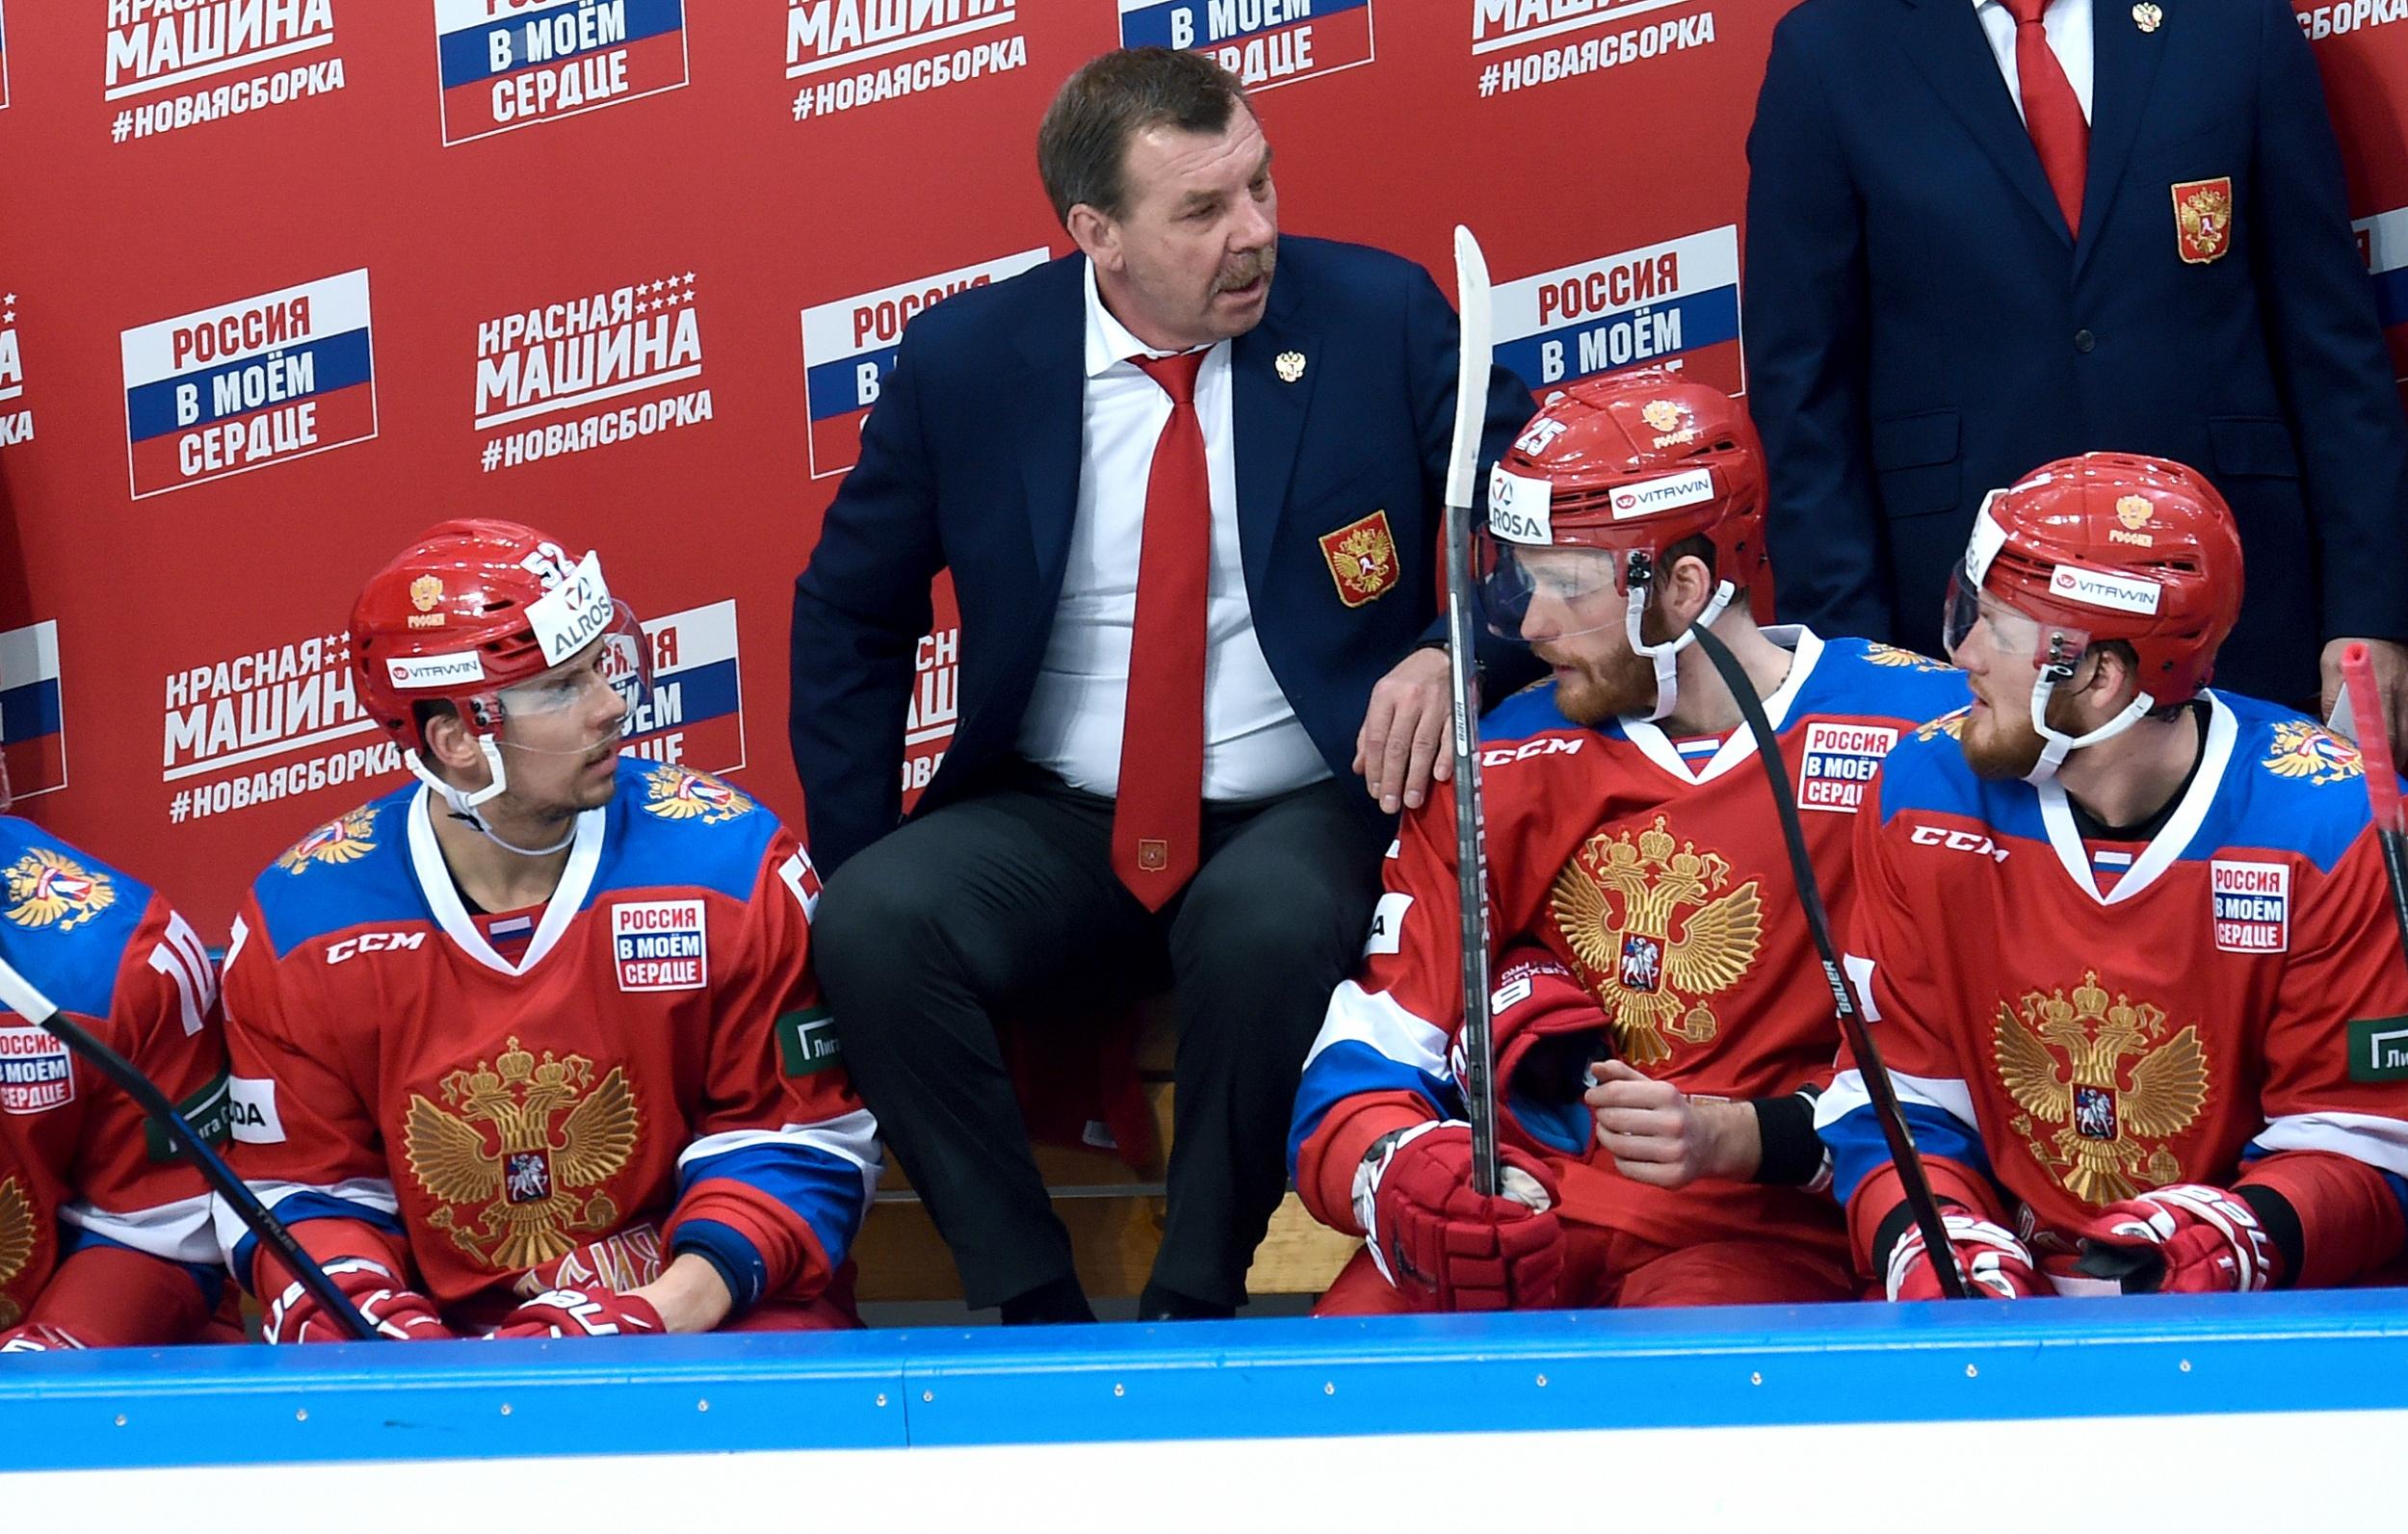 Сергей Широков и Олег Знарок